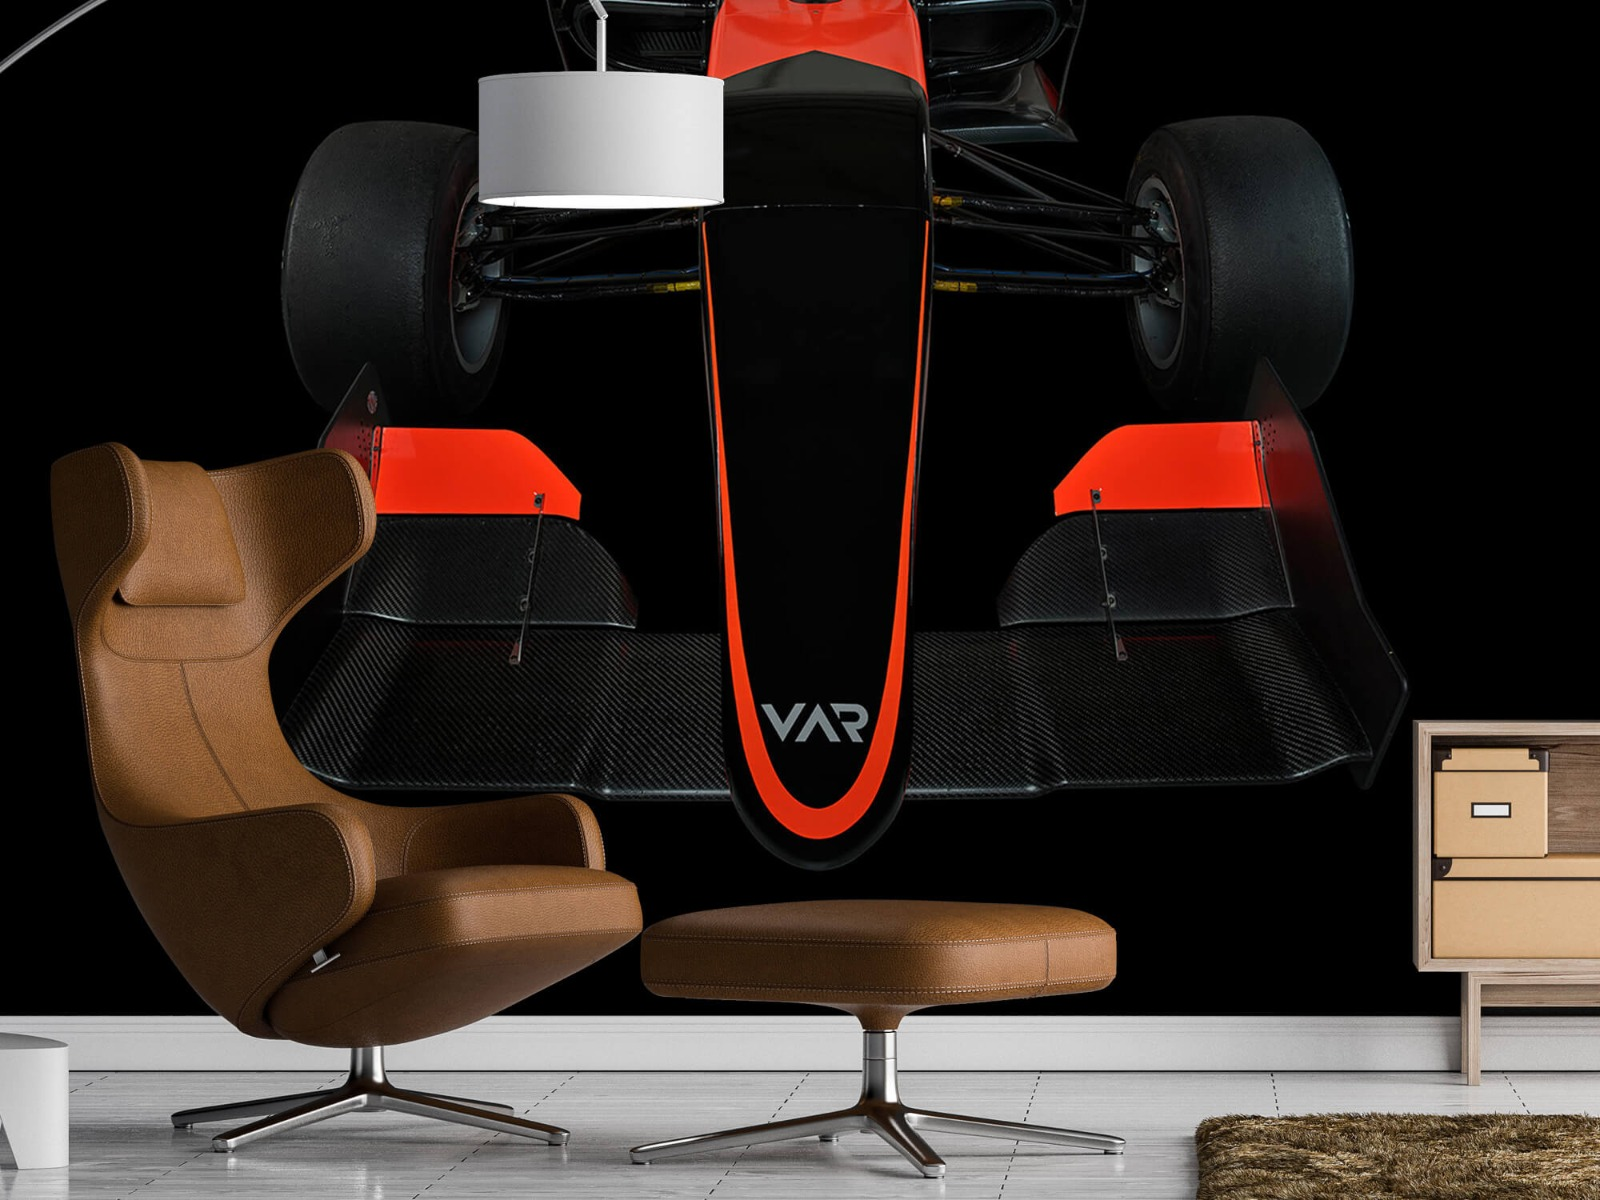 Sportauto's - Formule 3 - Front view - dark - Tienerkamer 20